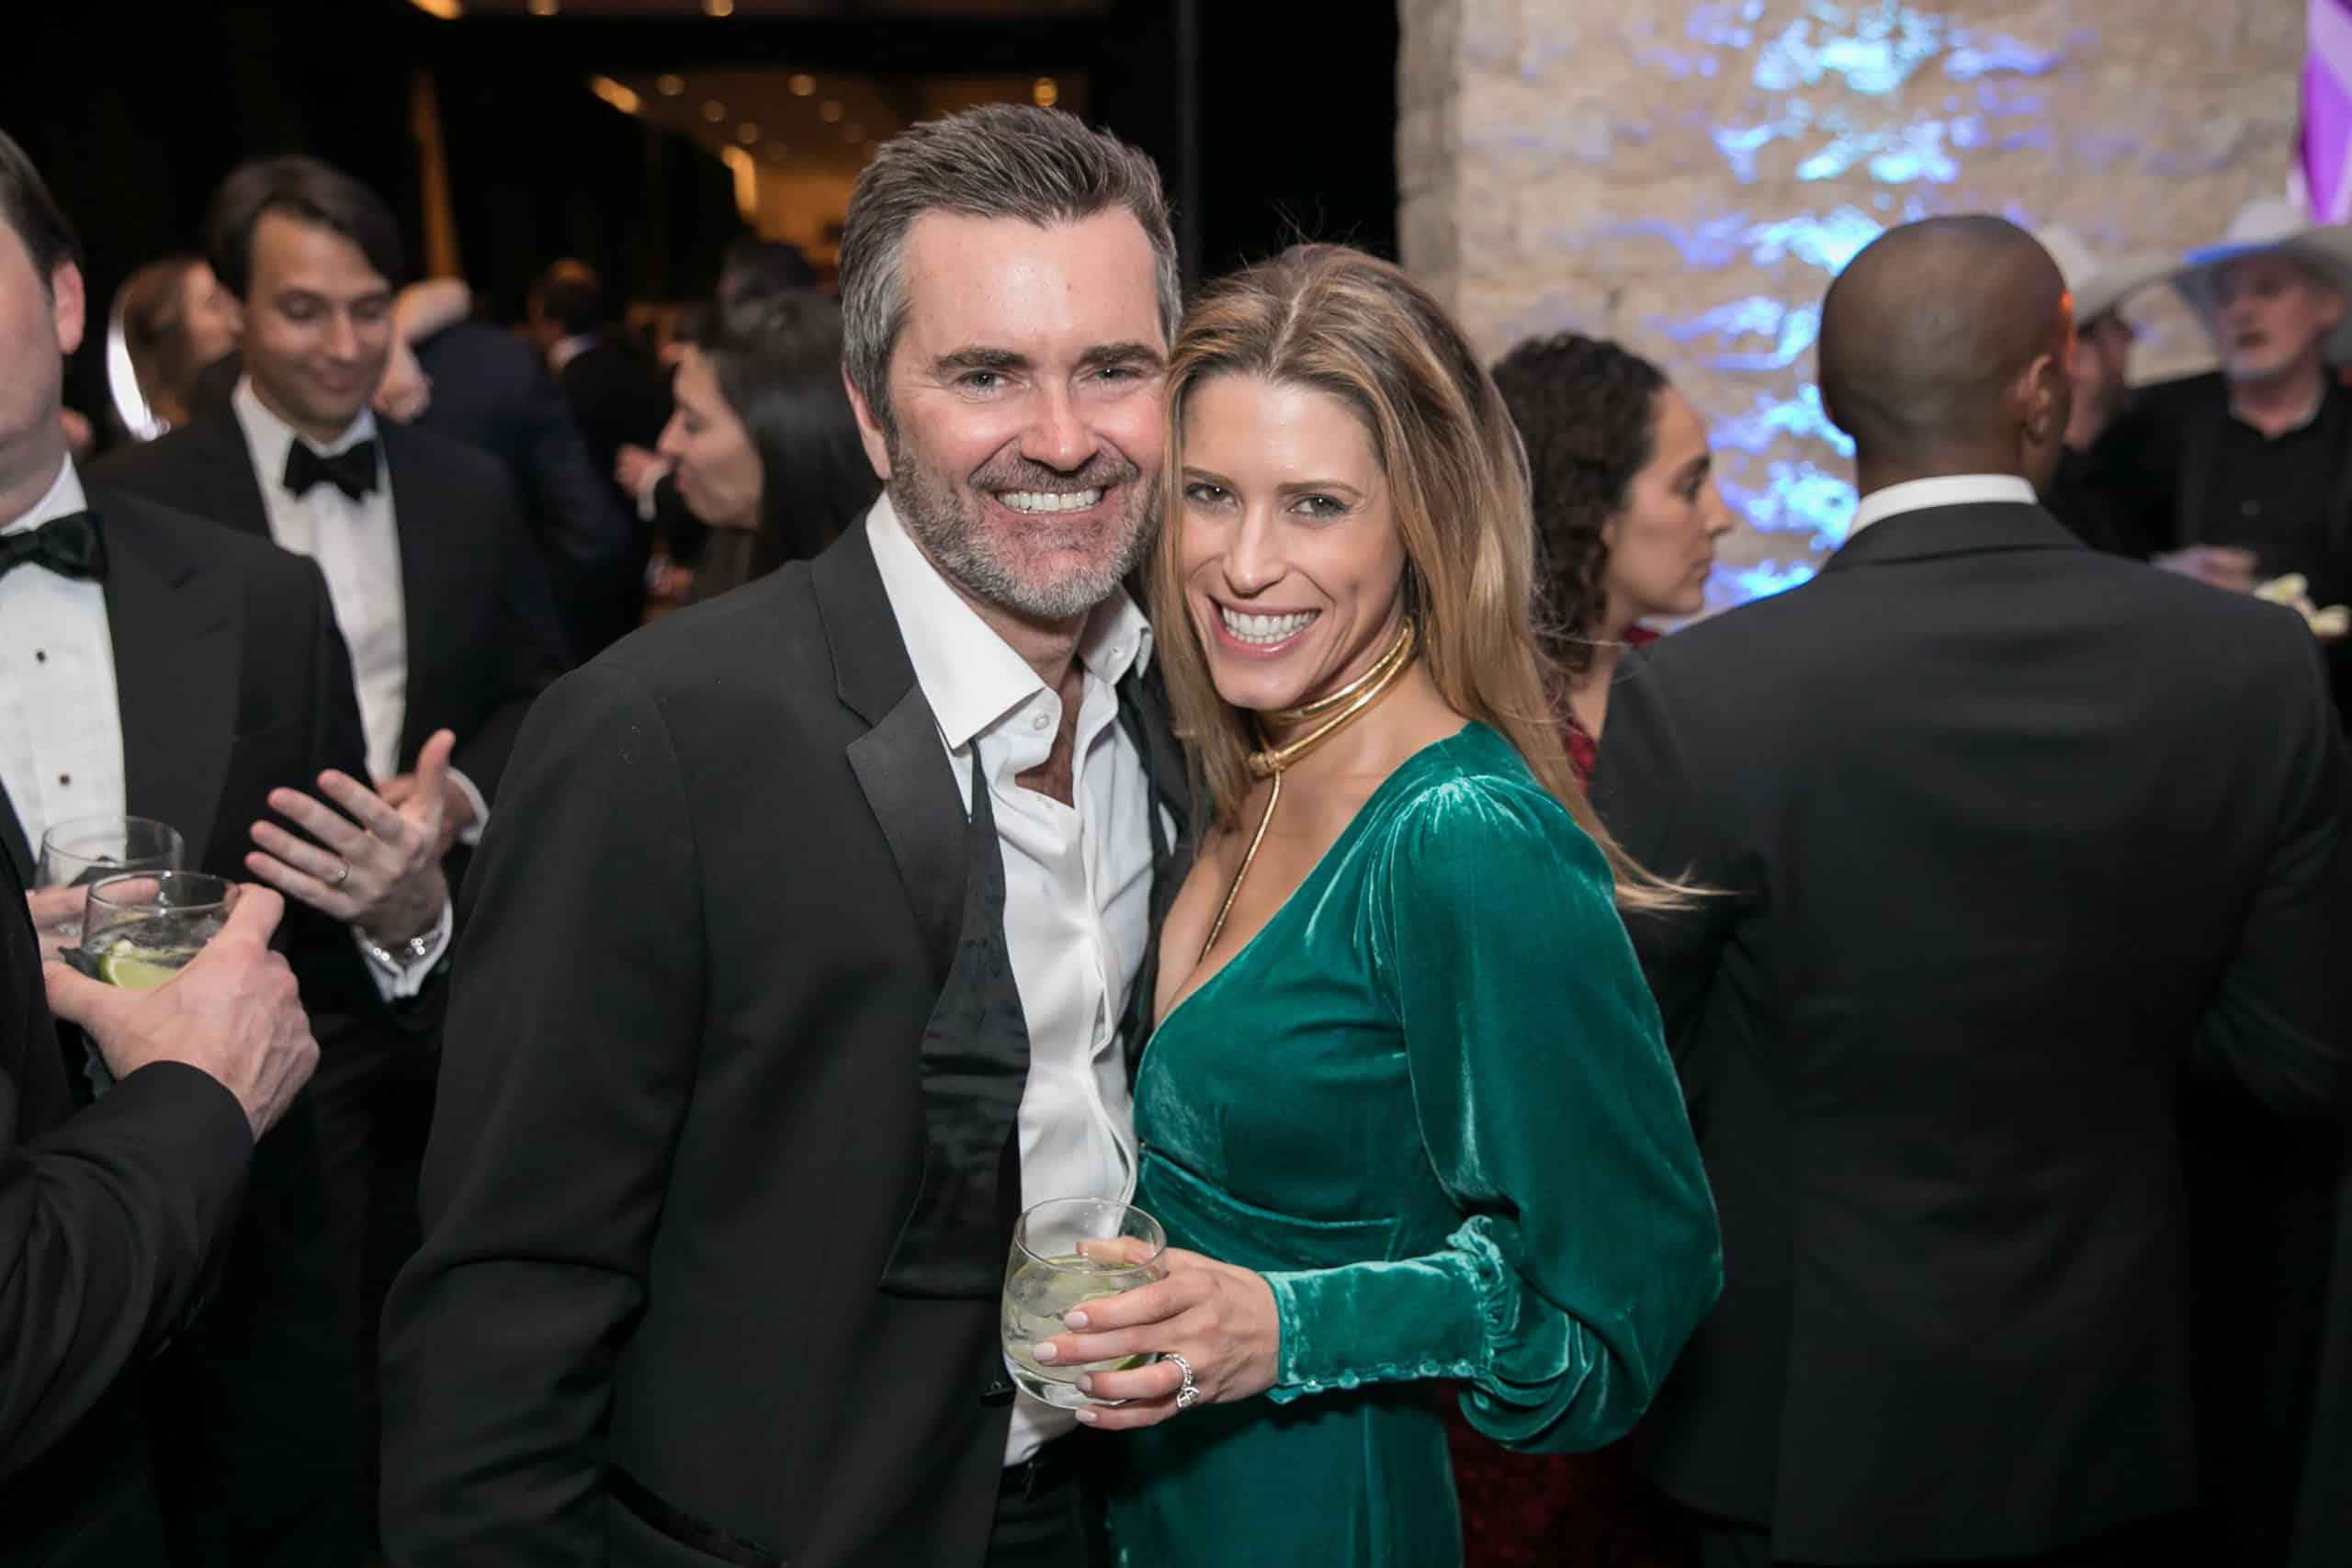 Joe and Kirstin Ross